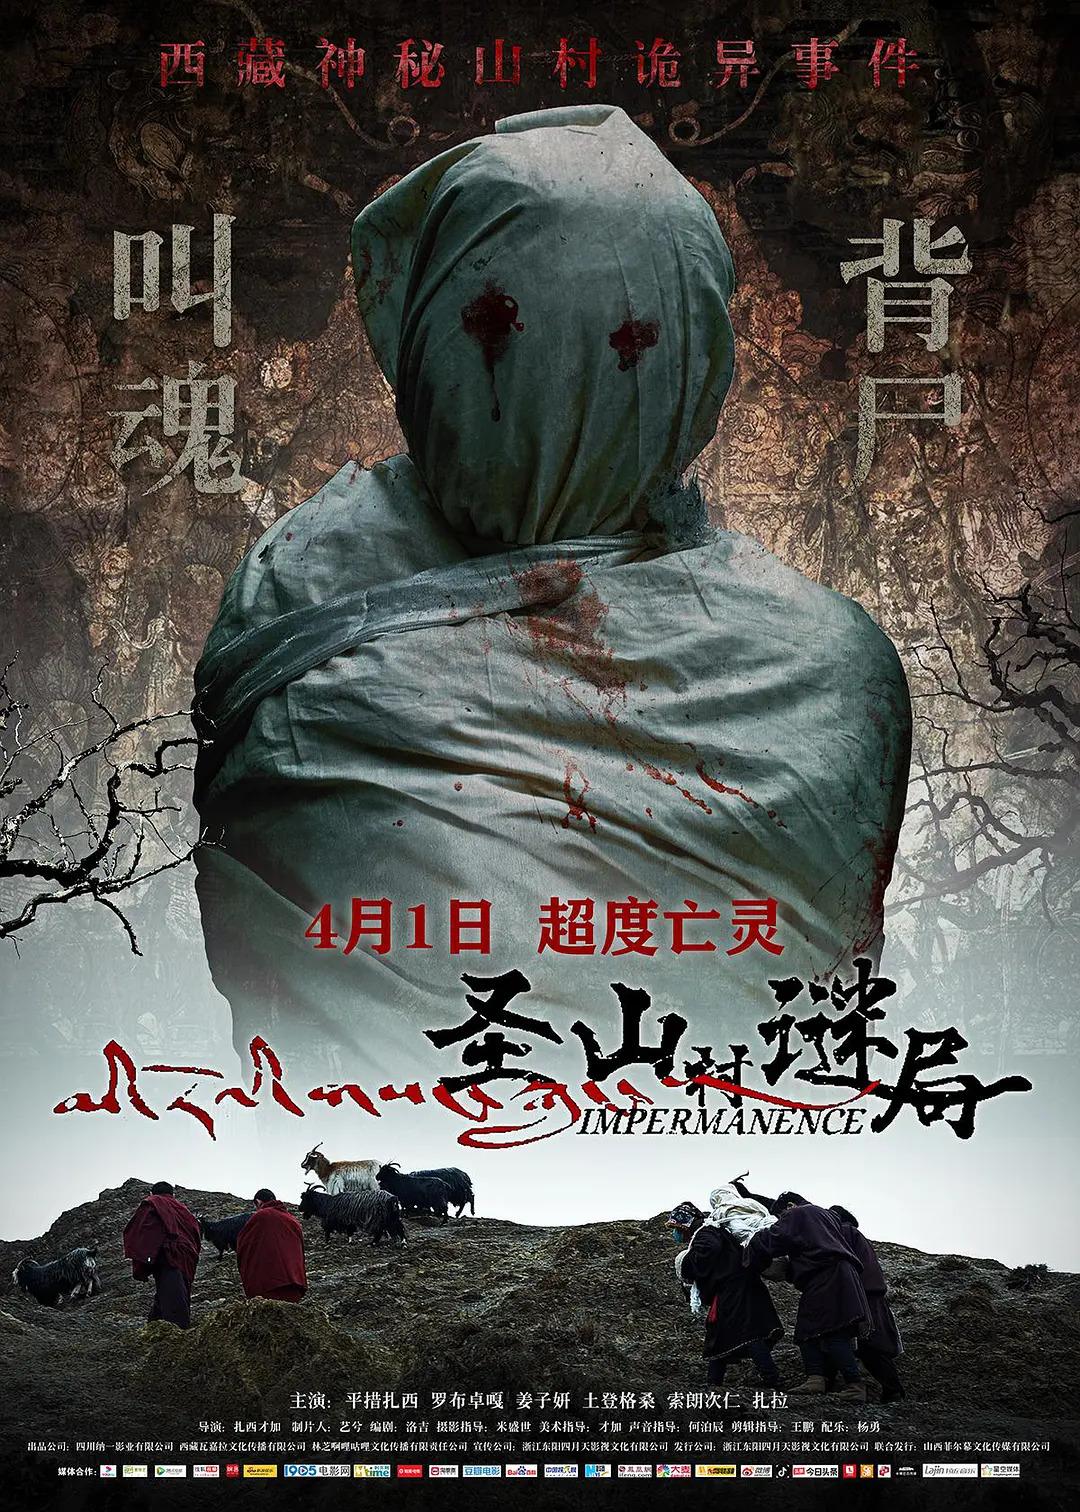 【电影预告】圣山村谜局 Impermanence 2021-04-01 中国大陆上映